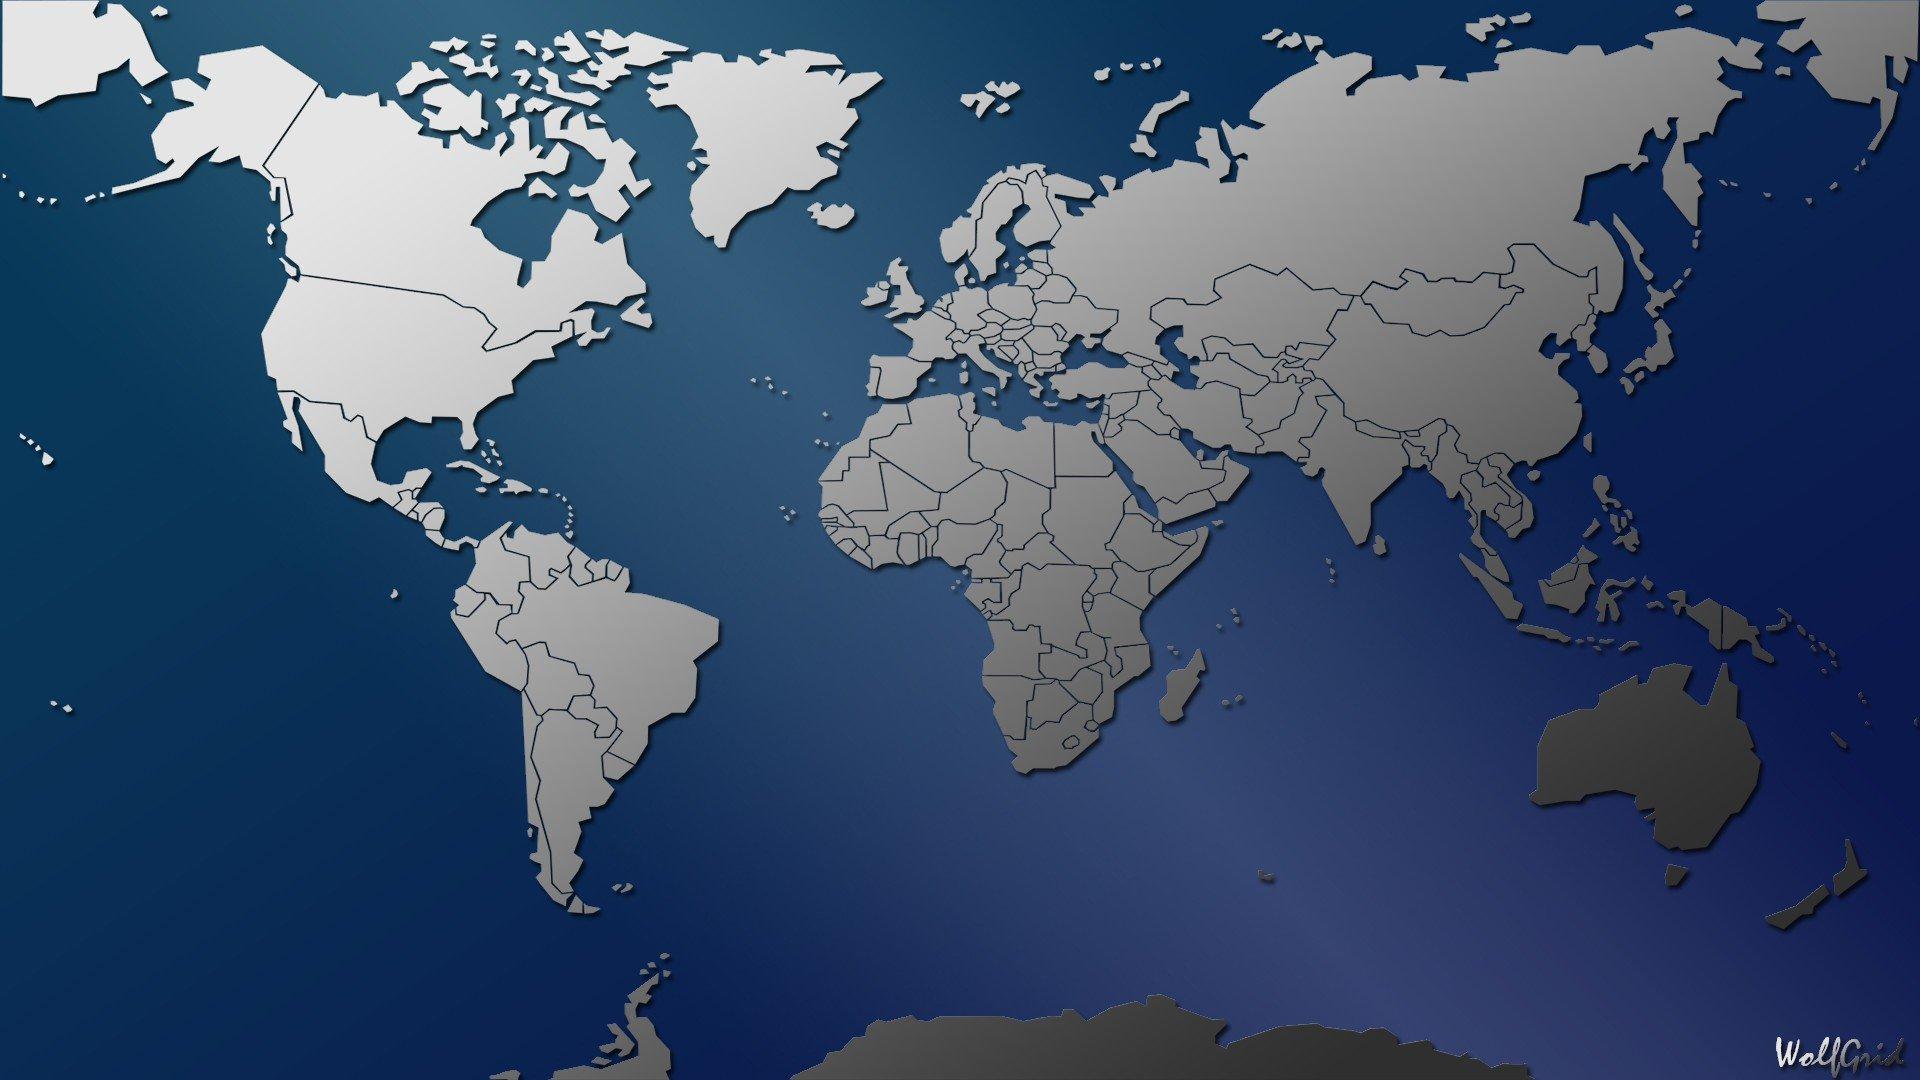 Cartina Geografica Mondo Gratis.Sfondi 1920x1080 Px Paesi Carta Geografica Mappa Del